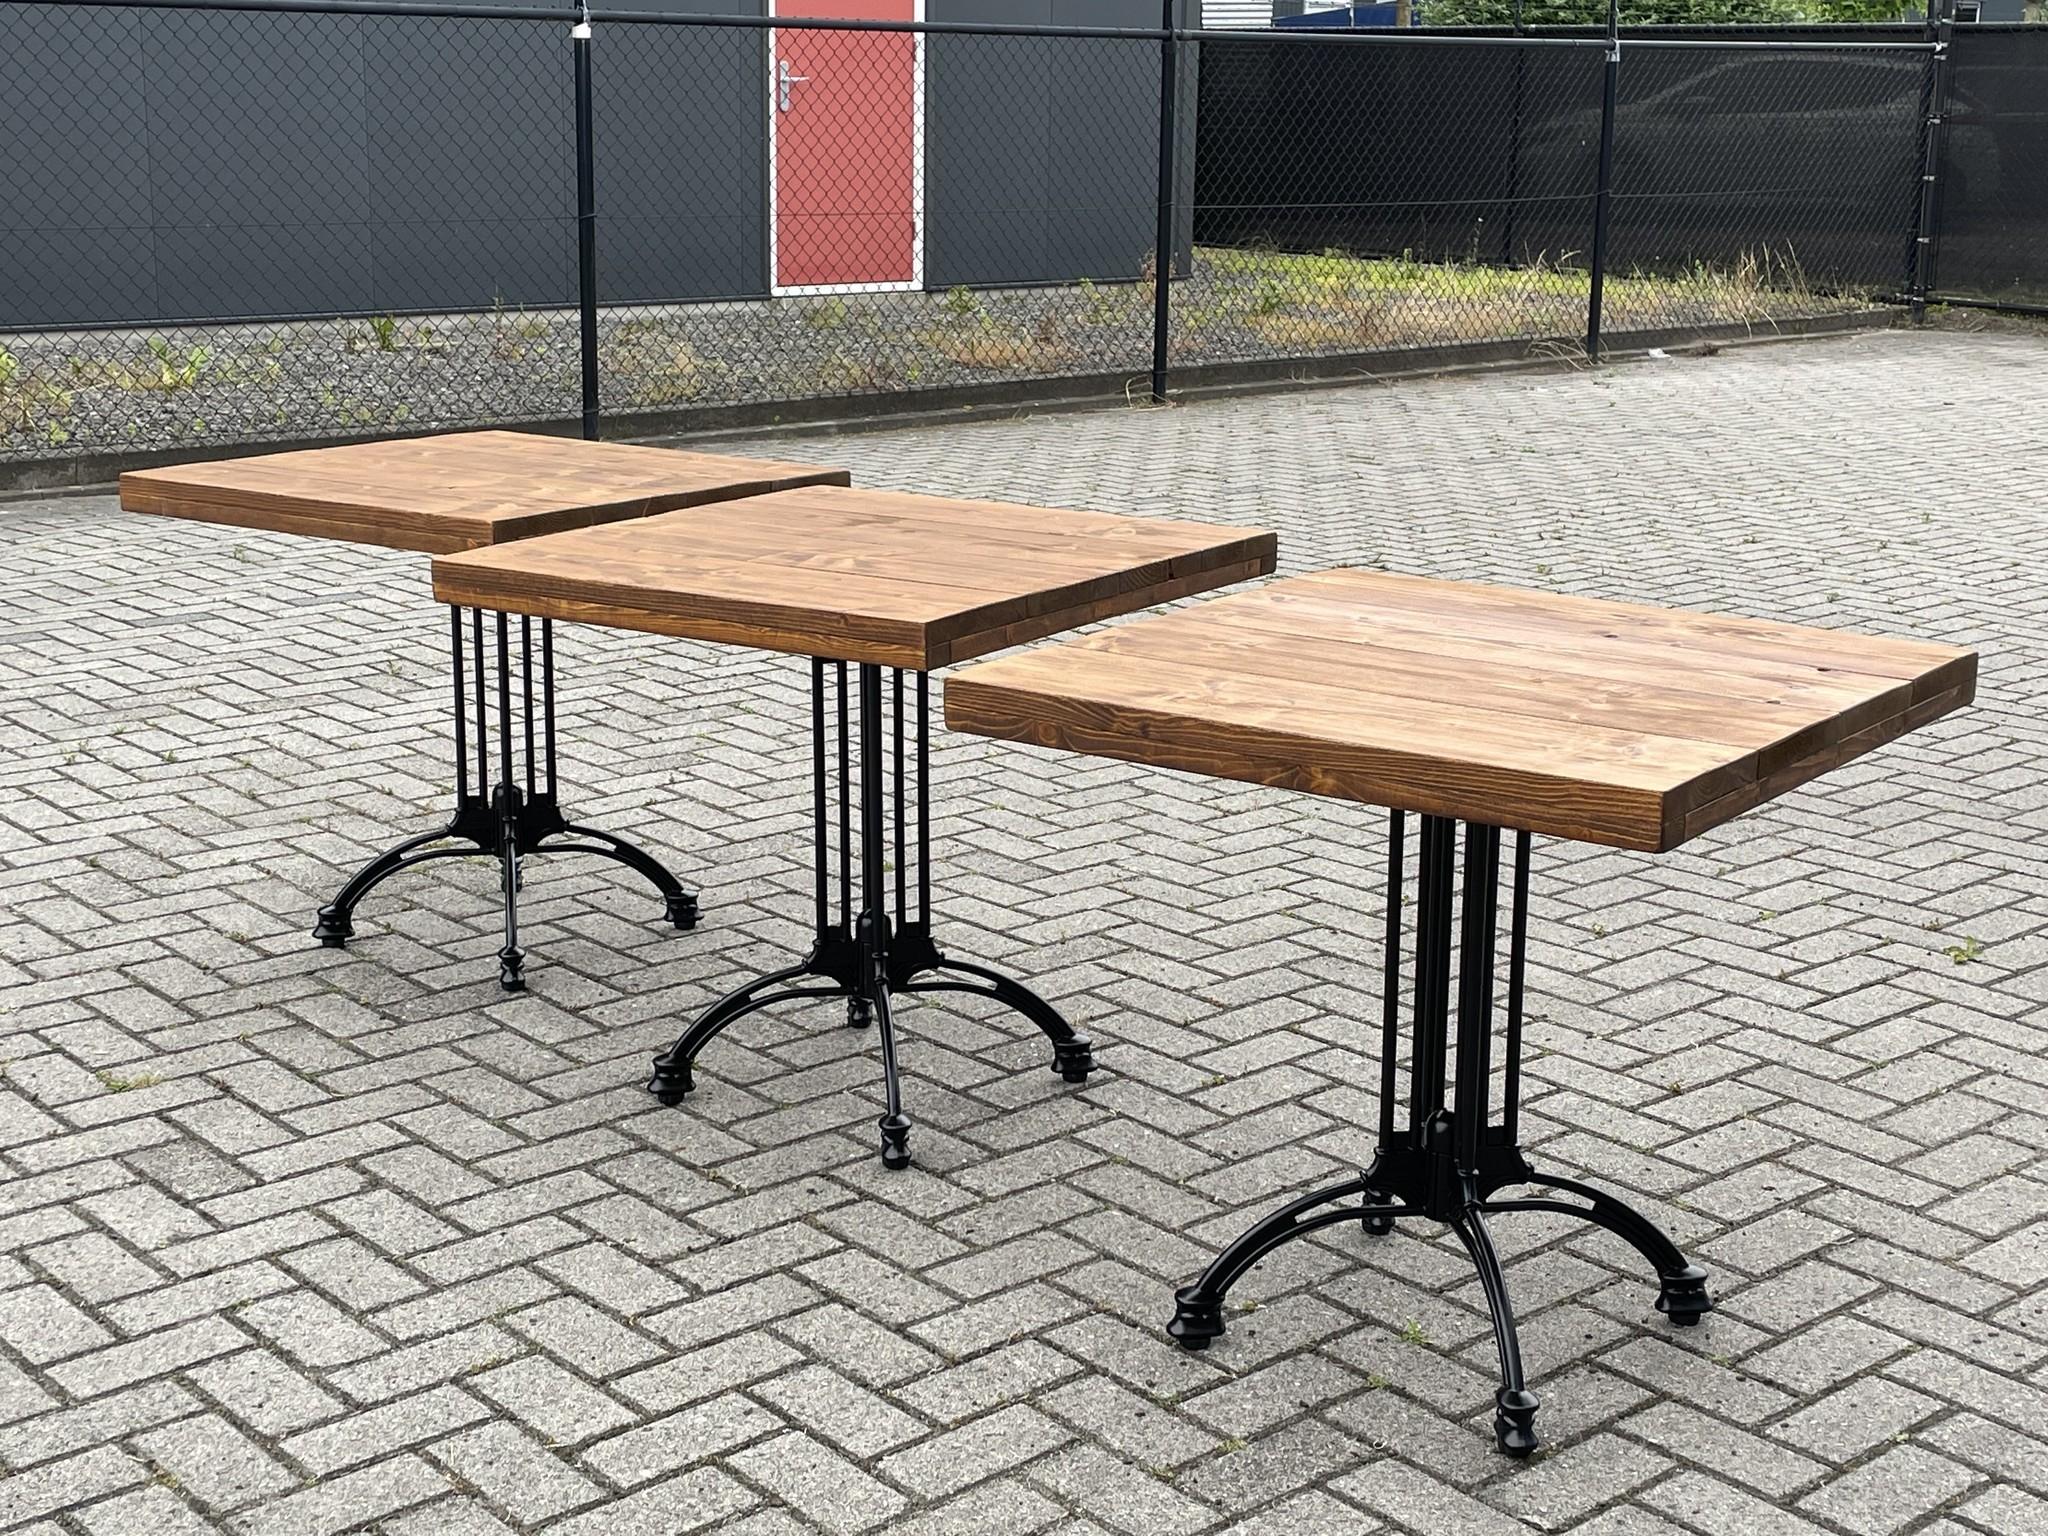 Amsterdam Bistrotafel / Terrastafel / Tuintafel met een steigerhout blad in diverse kleuren : Model Amsterdam